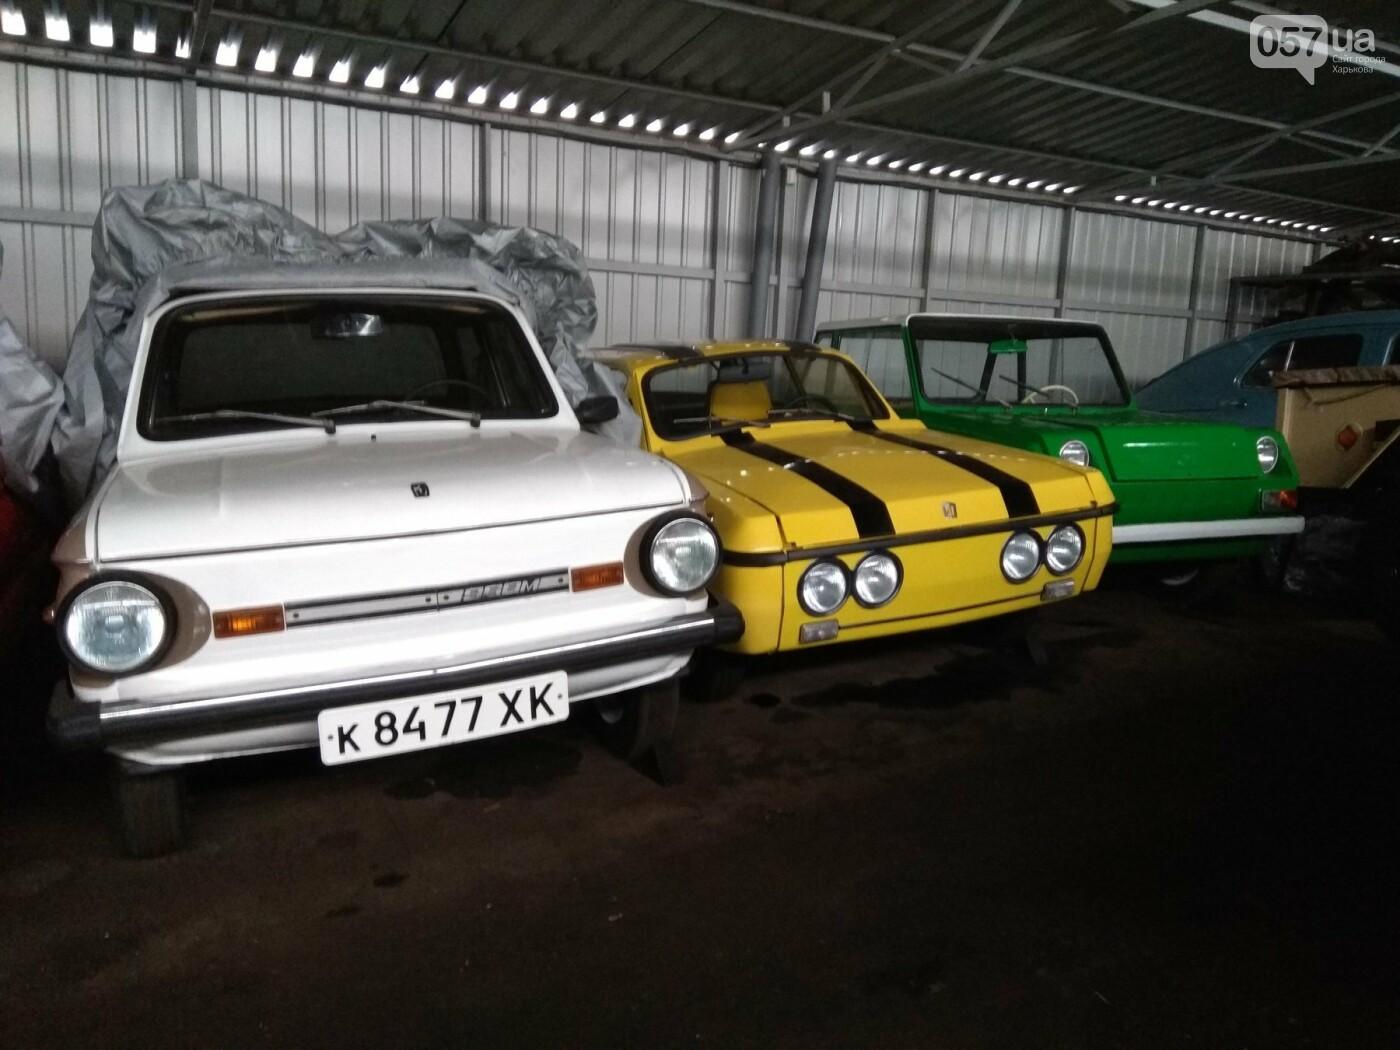 «Buick» Буденного и самодельные машины: как харьковчанин собрал коллекцию из 100 ретро-автомобилей, - ФОТО, фото-6